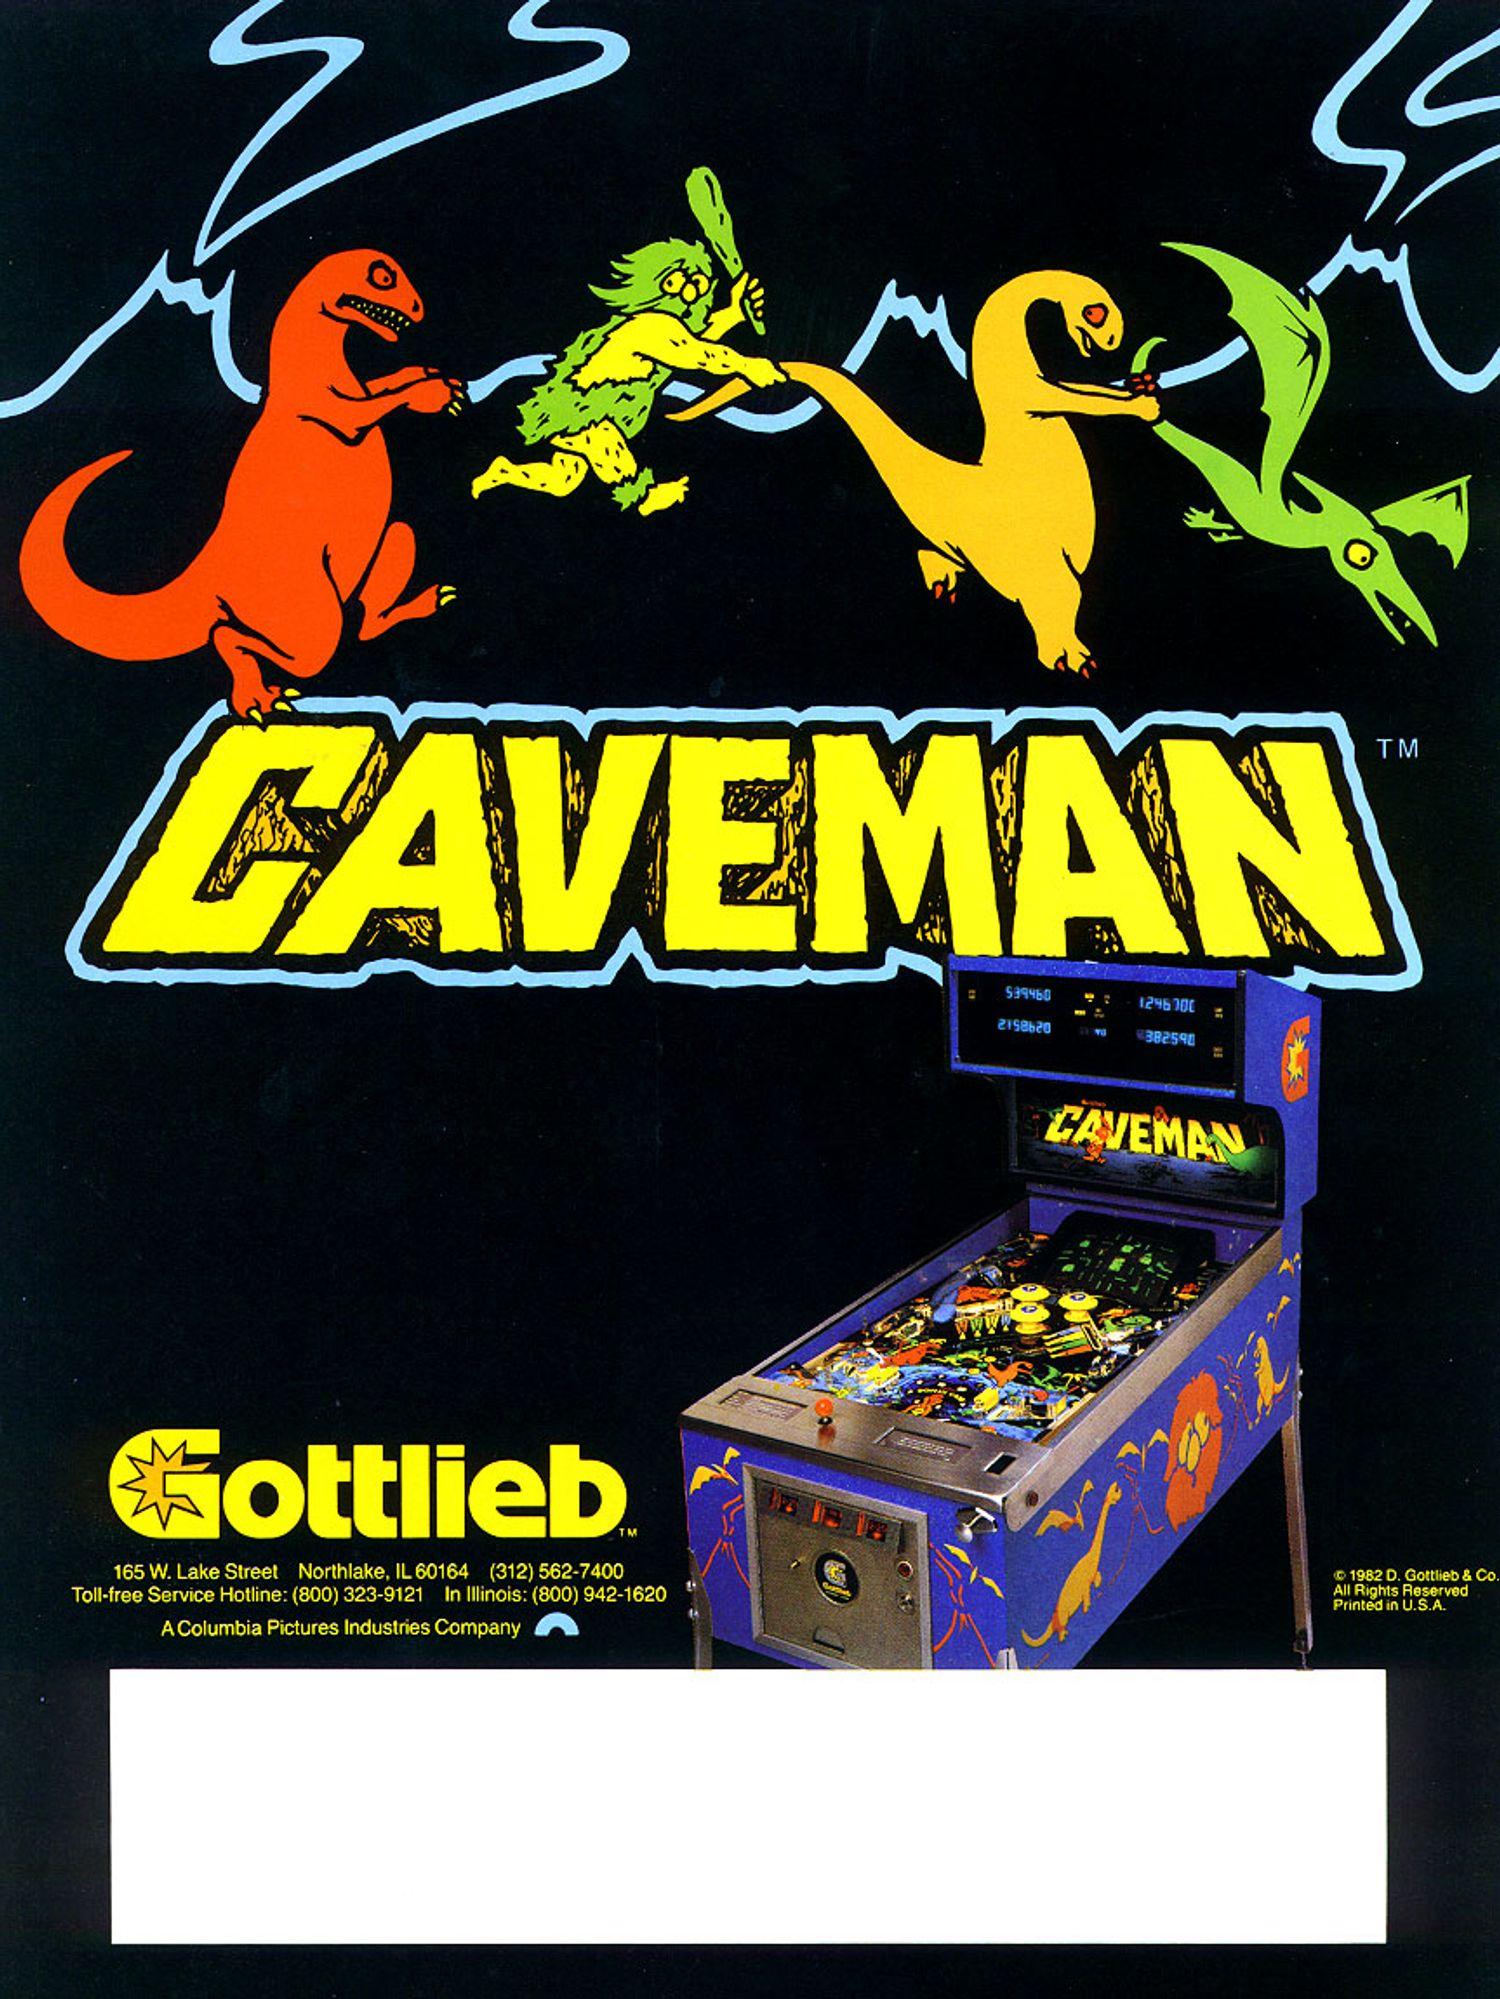 Caveman Flyer back